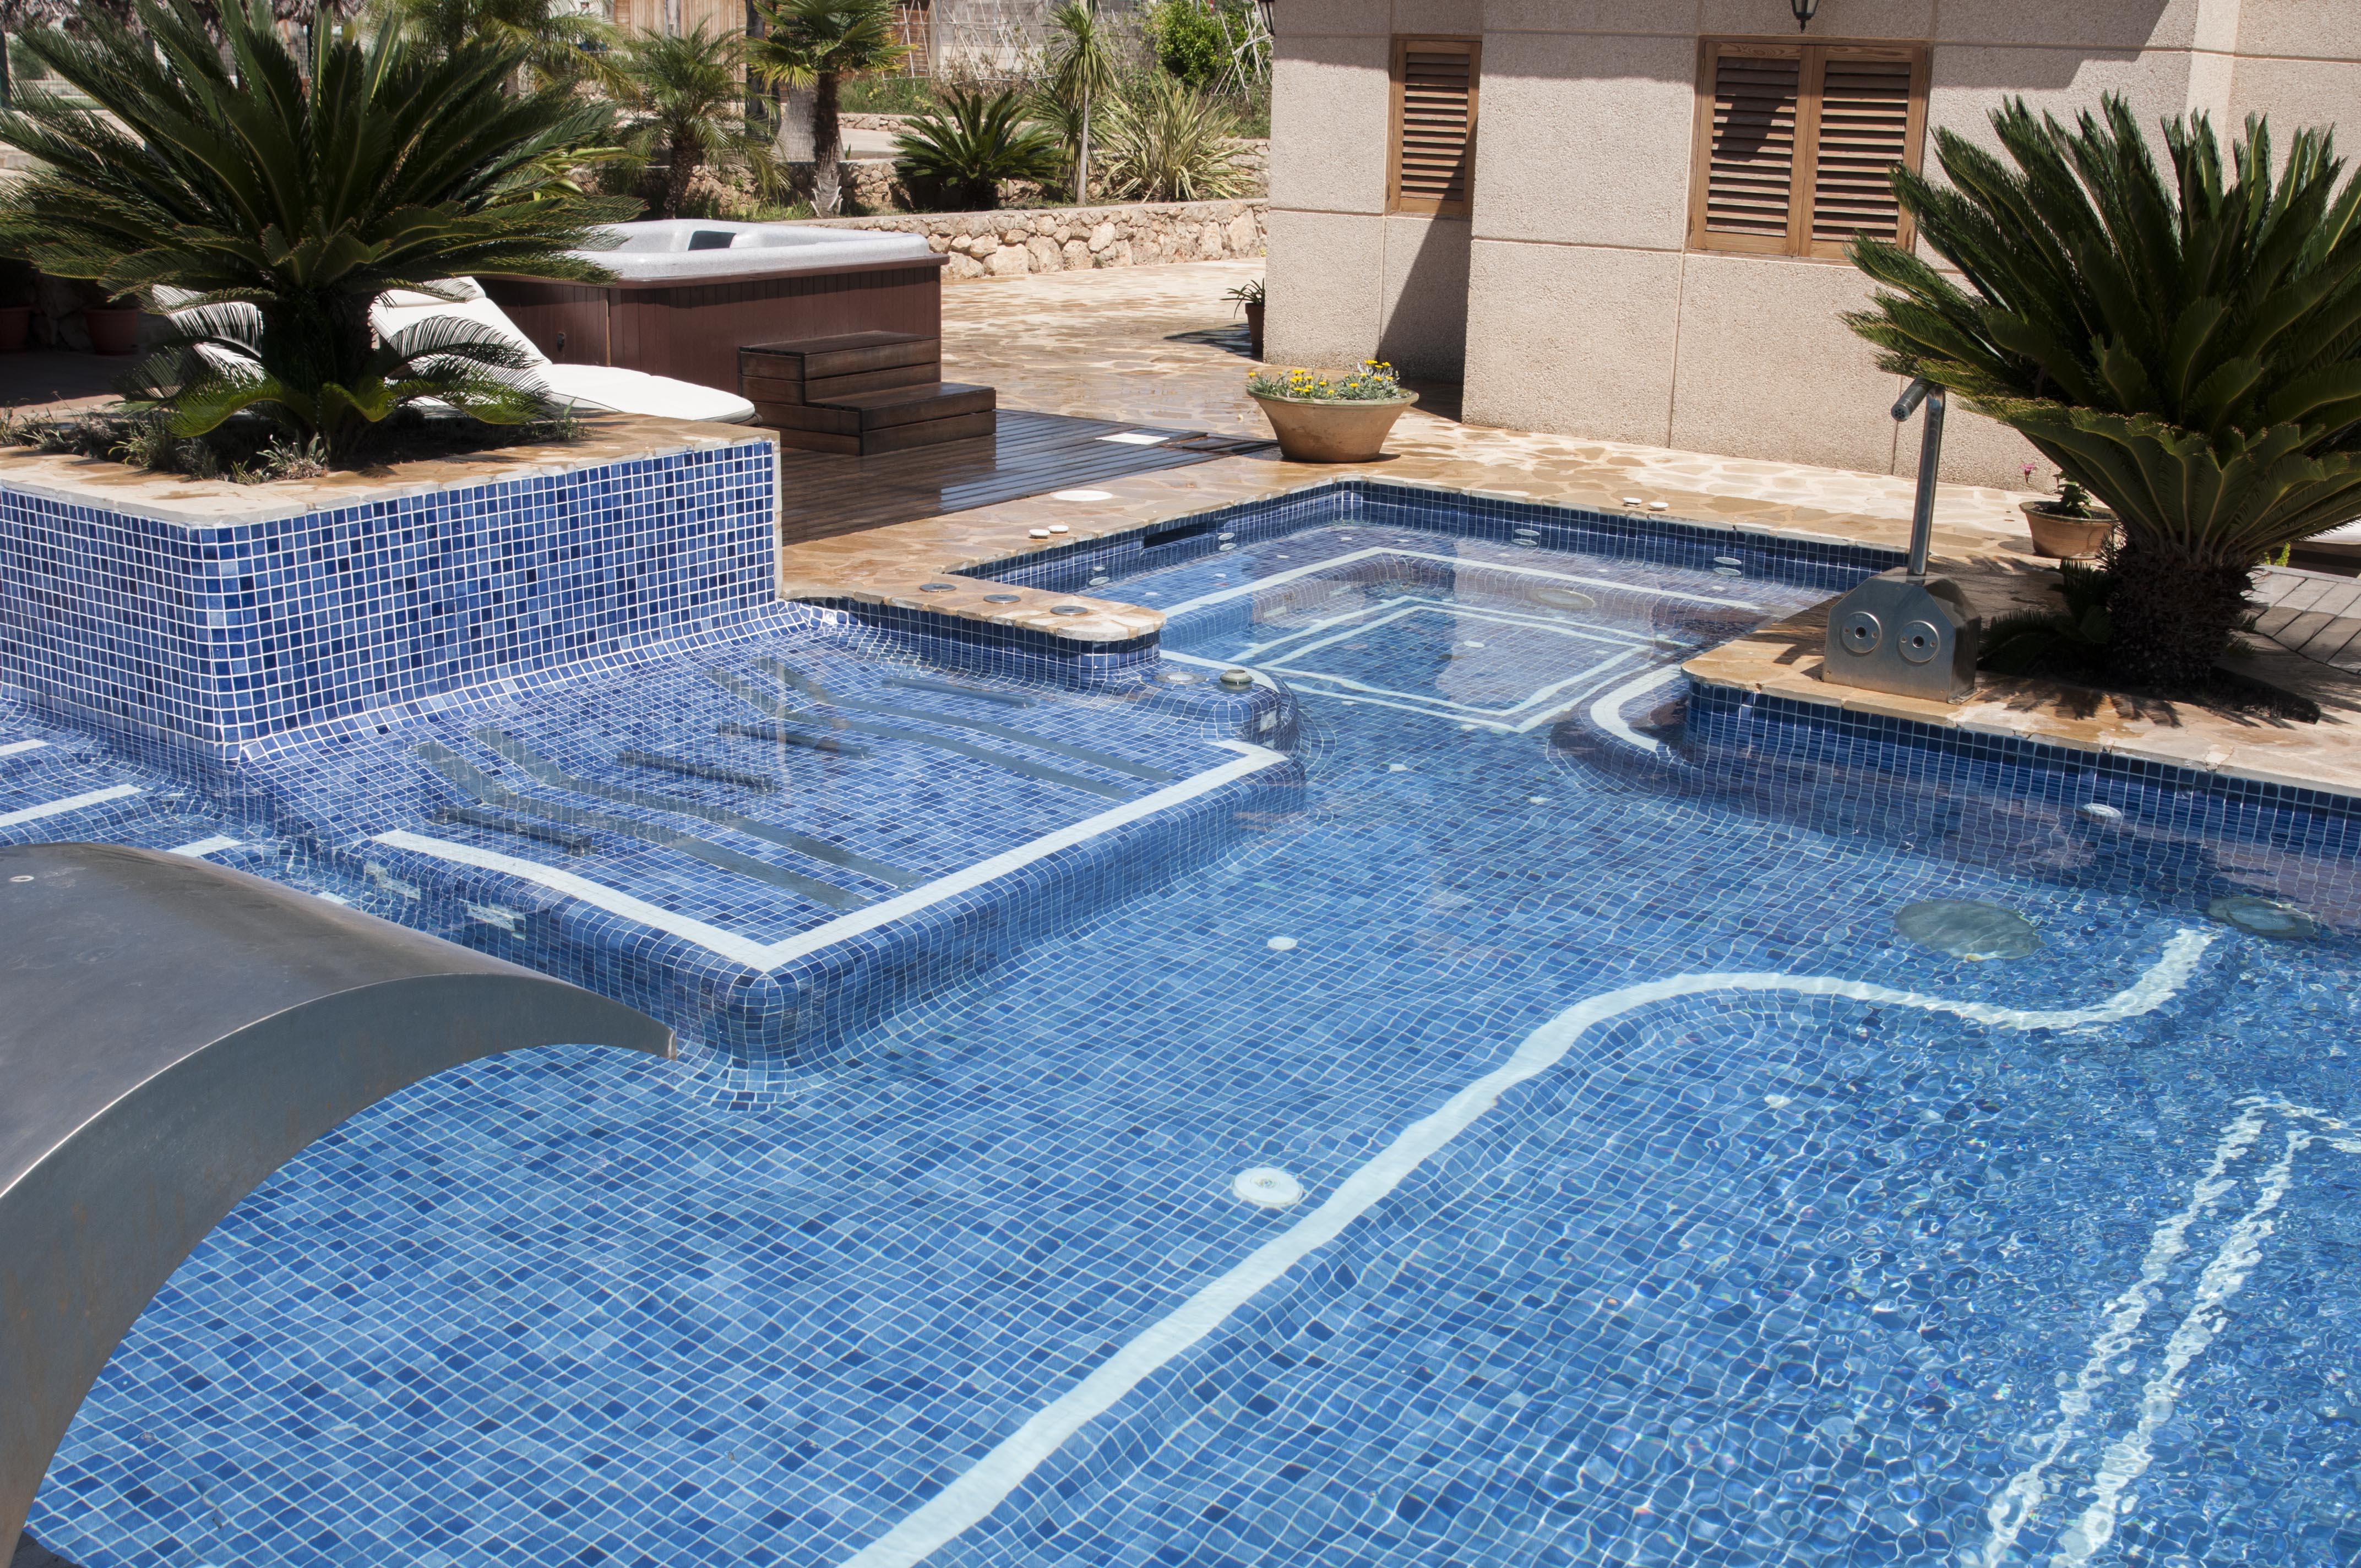 Qu revestimiento elijo para mi piscina piscinas - Gresite piscinas colores ...